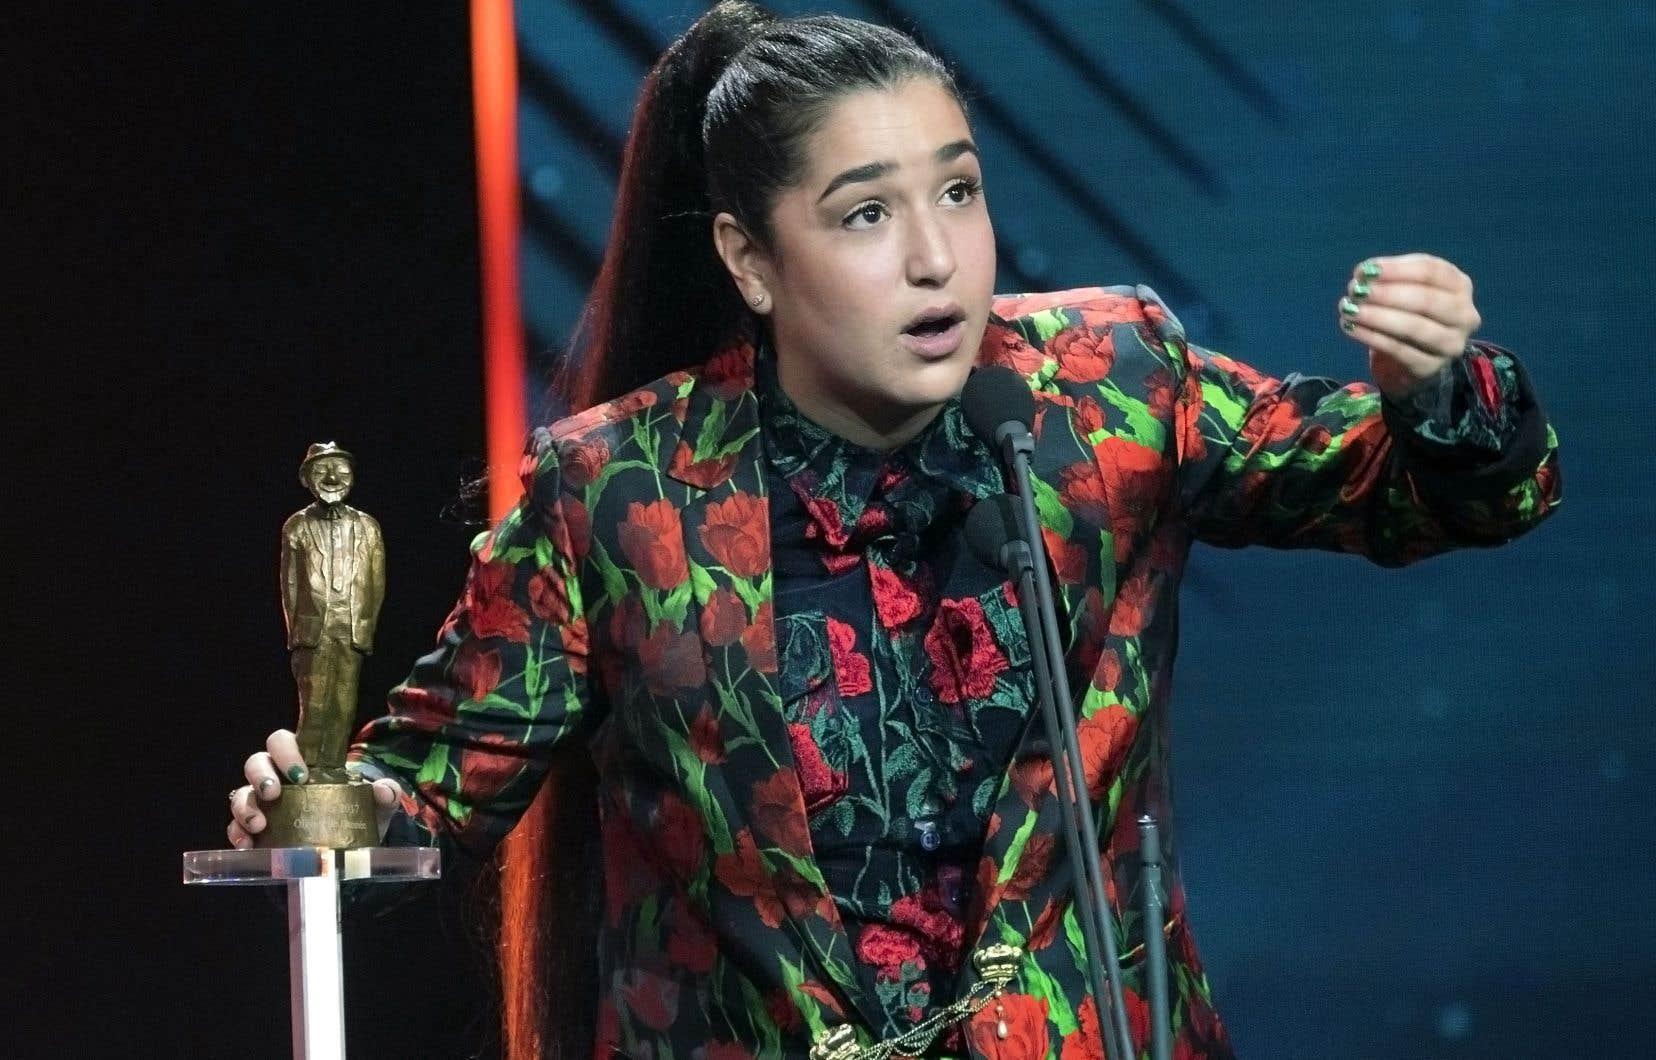 Mariana Mazza a vécu l'an dernier une soirée de contrariétés multiples, mais aussi de puissante euphorie au moment de récolter l'Olivier de l'année, seul prix remis par le public.